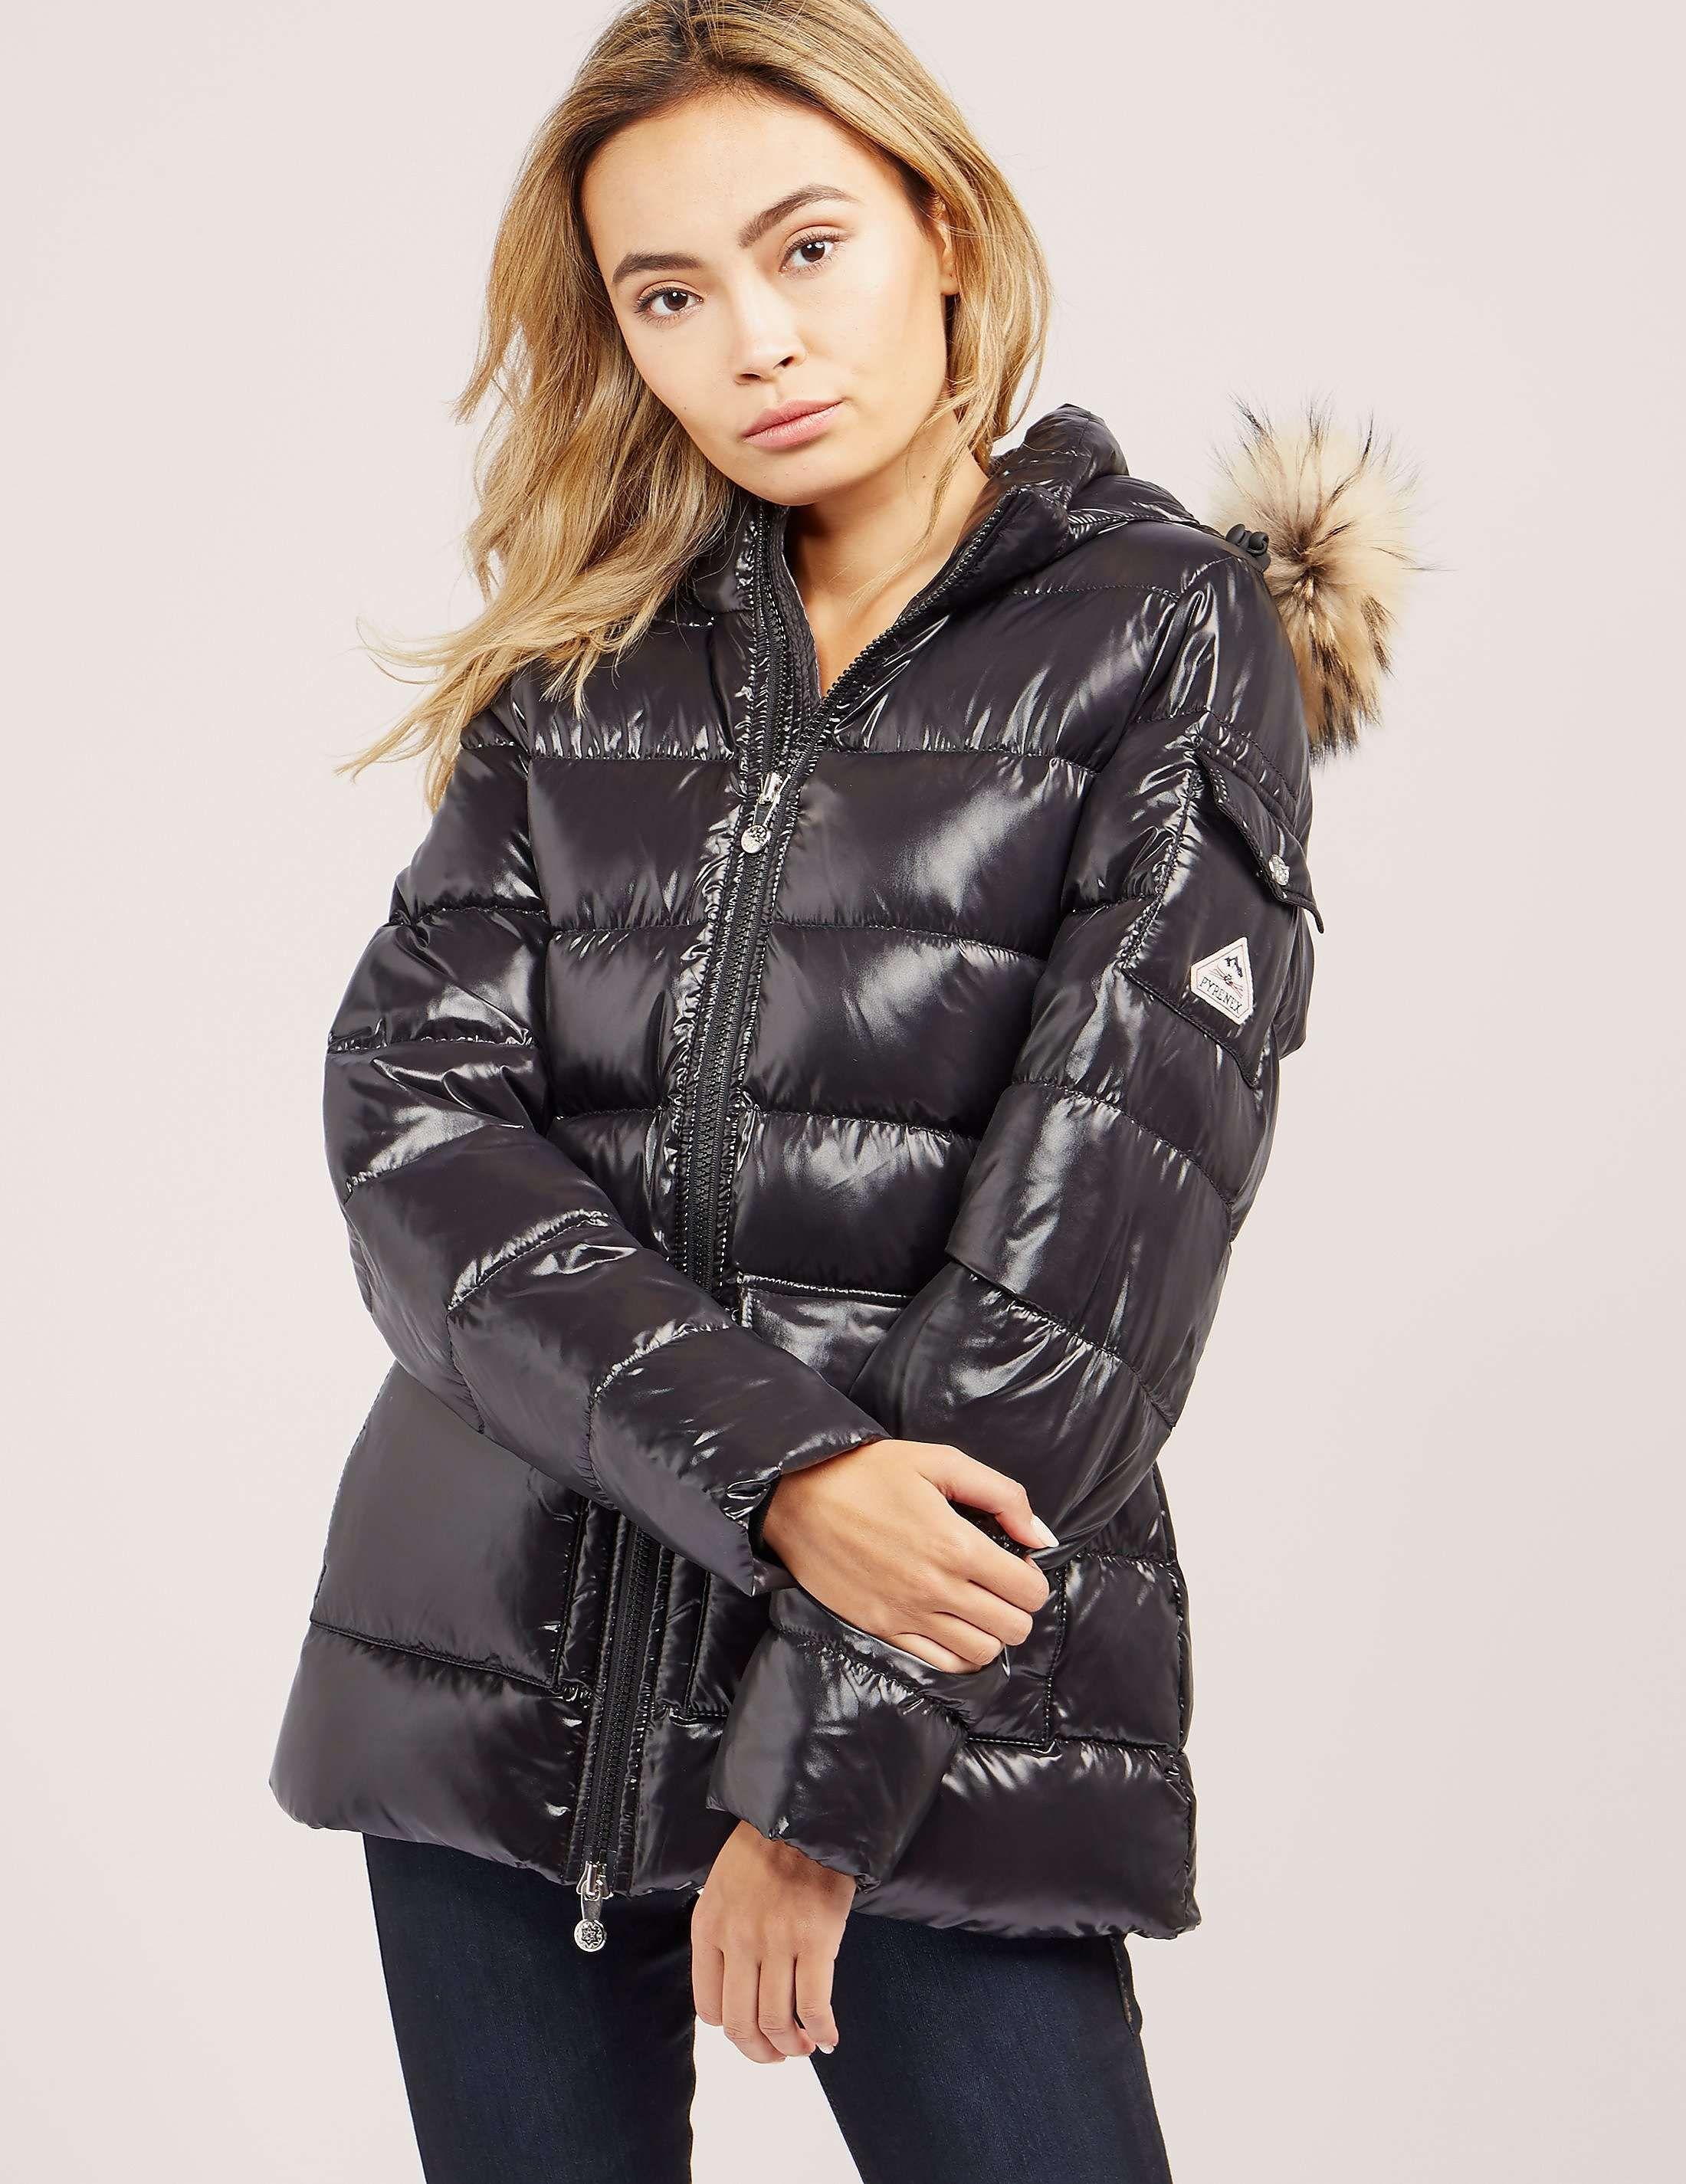 Pyrenex Authentic Padded Shiny Jacket Puffer jacket